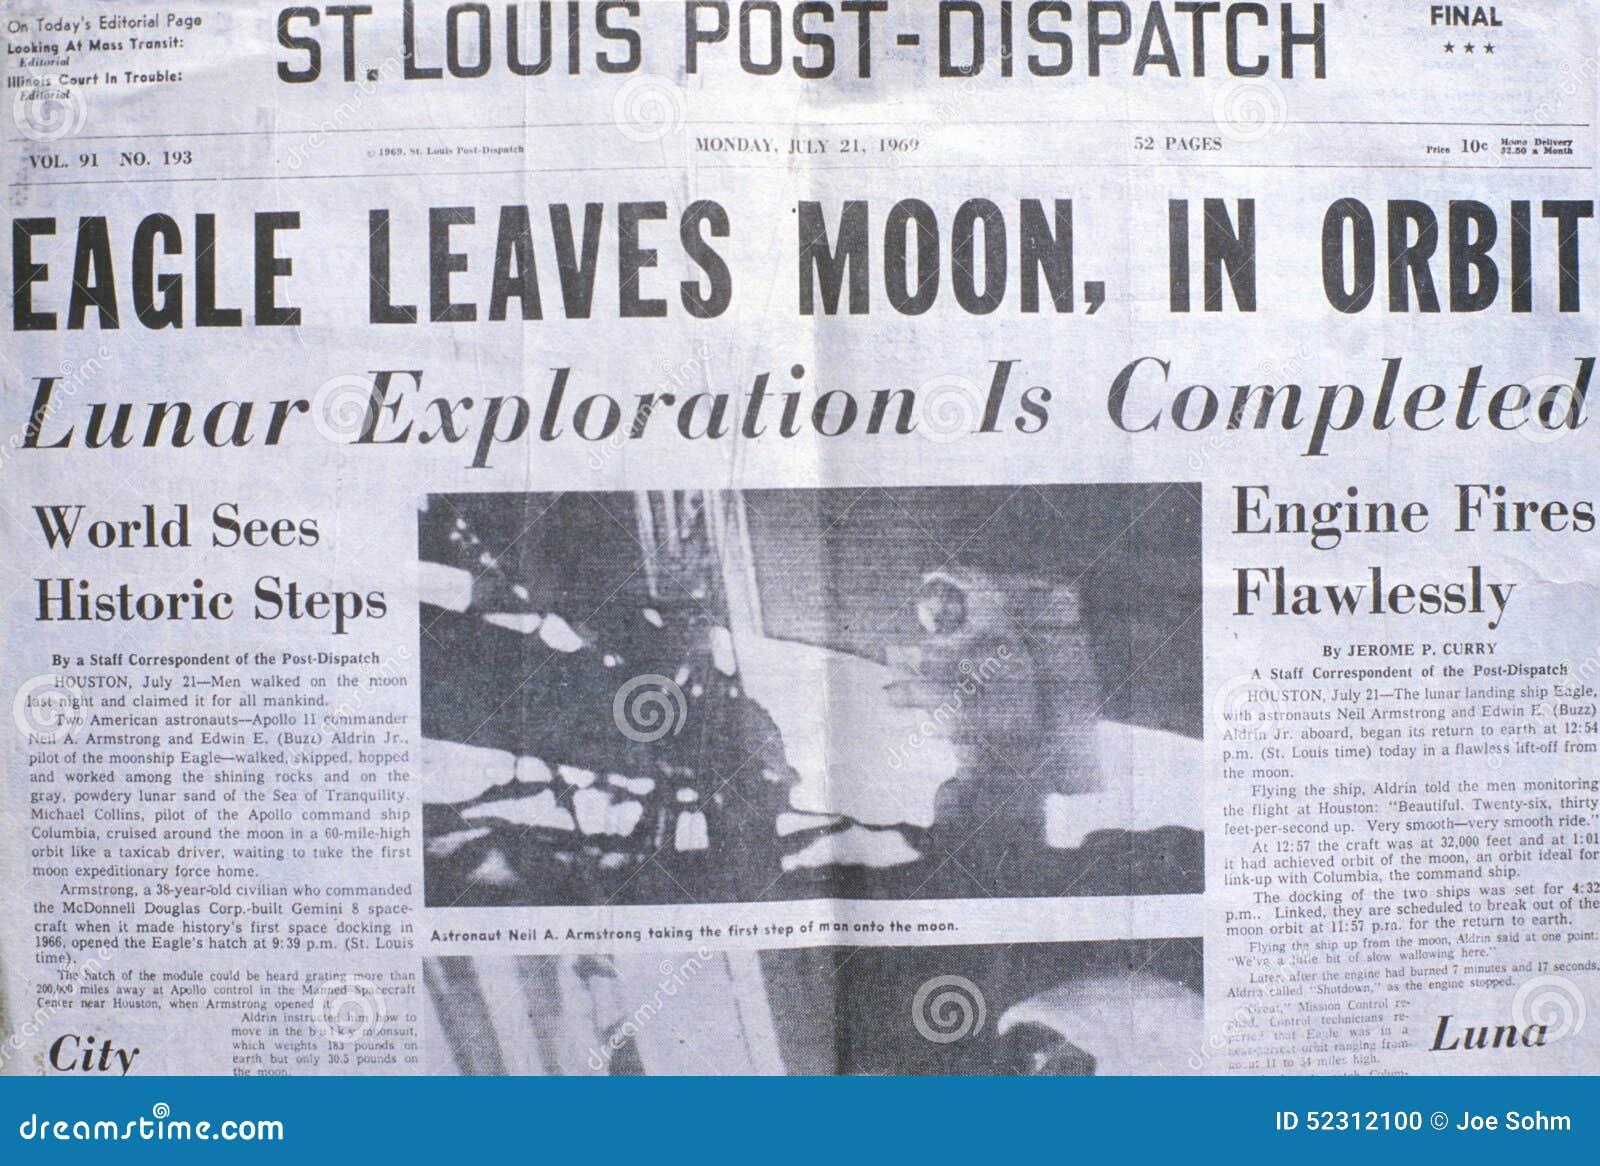 Газета Пост-отправки Сент-Луис показывает полет луны Аполлона 11, 21-ое июля 1969